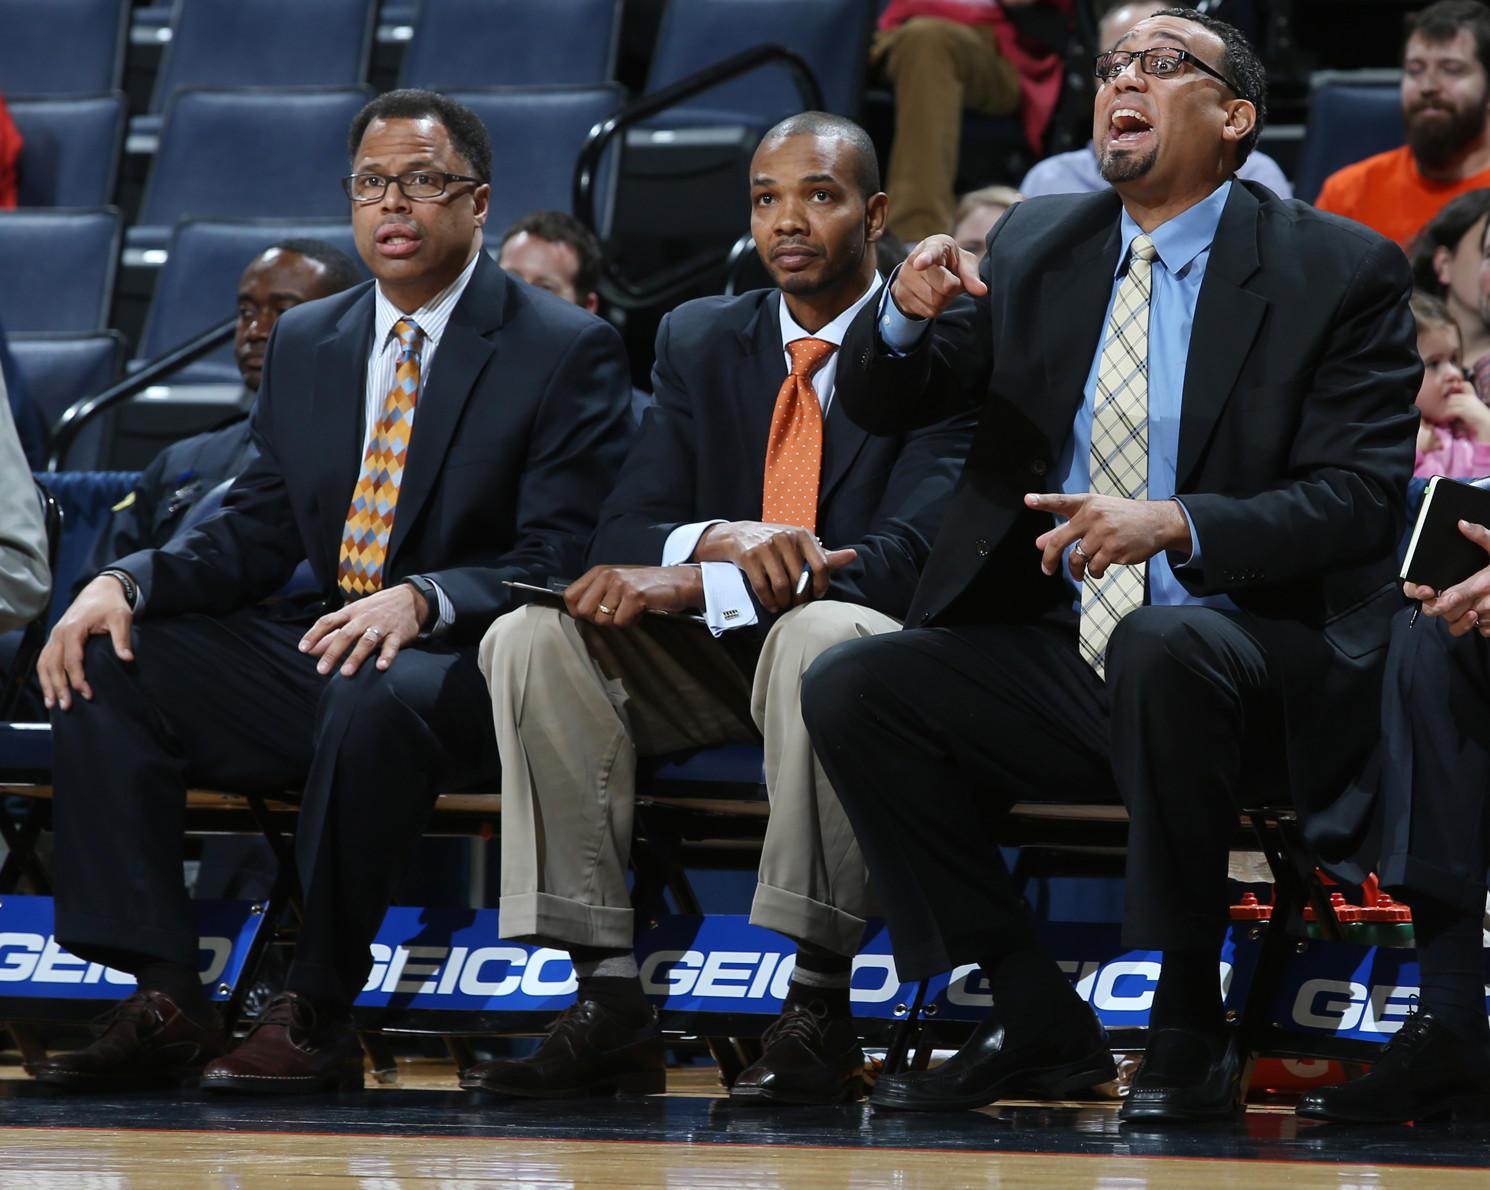 Virginia's assistant coaches, from left: Ritchie McKay, Ron Sanchez, Jason Williford